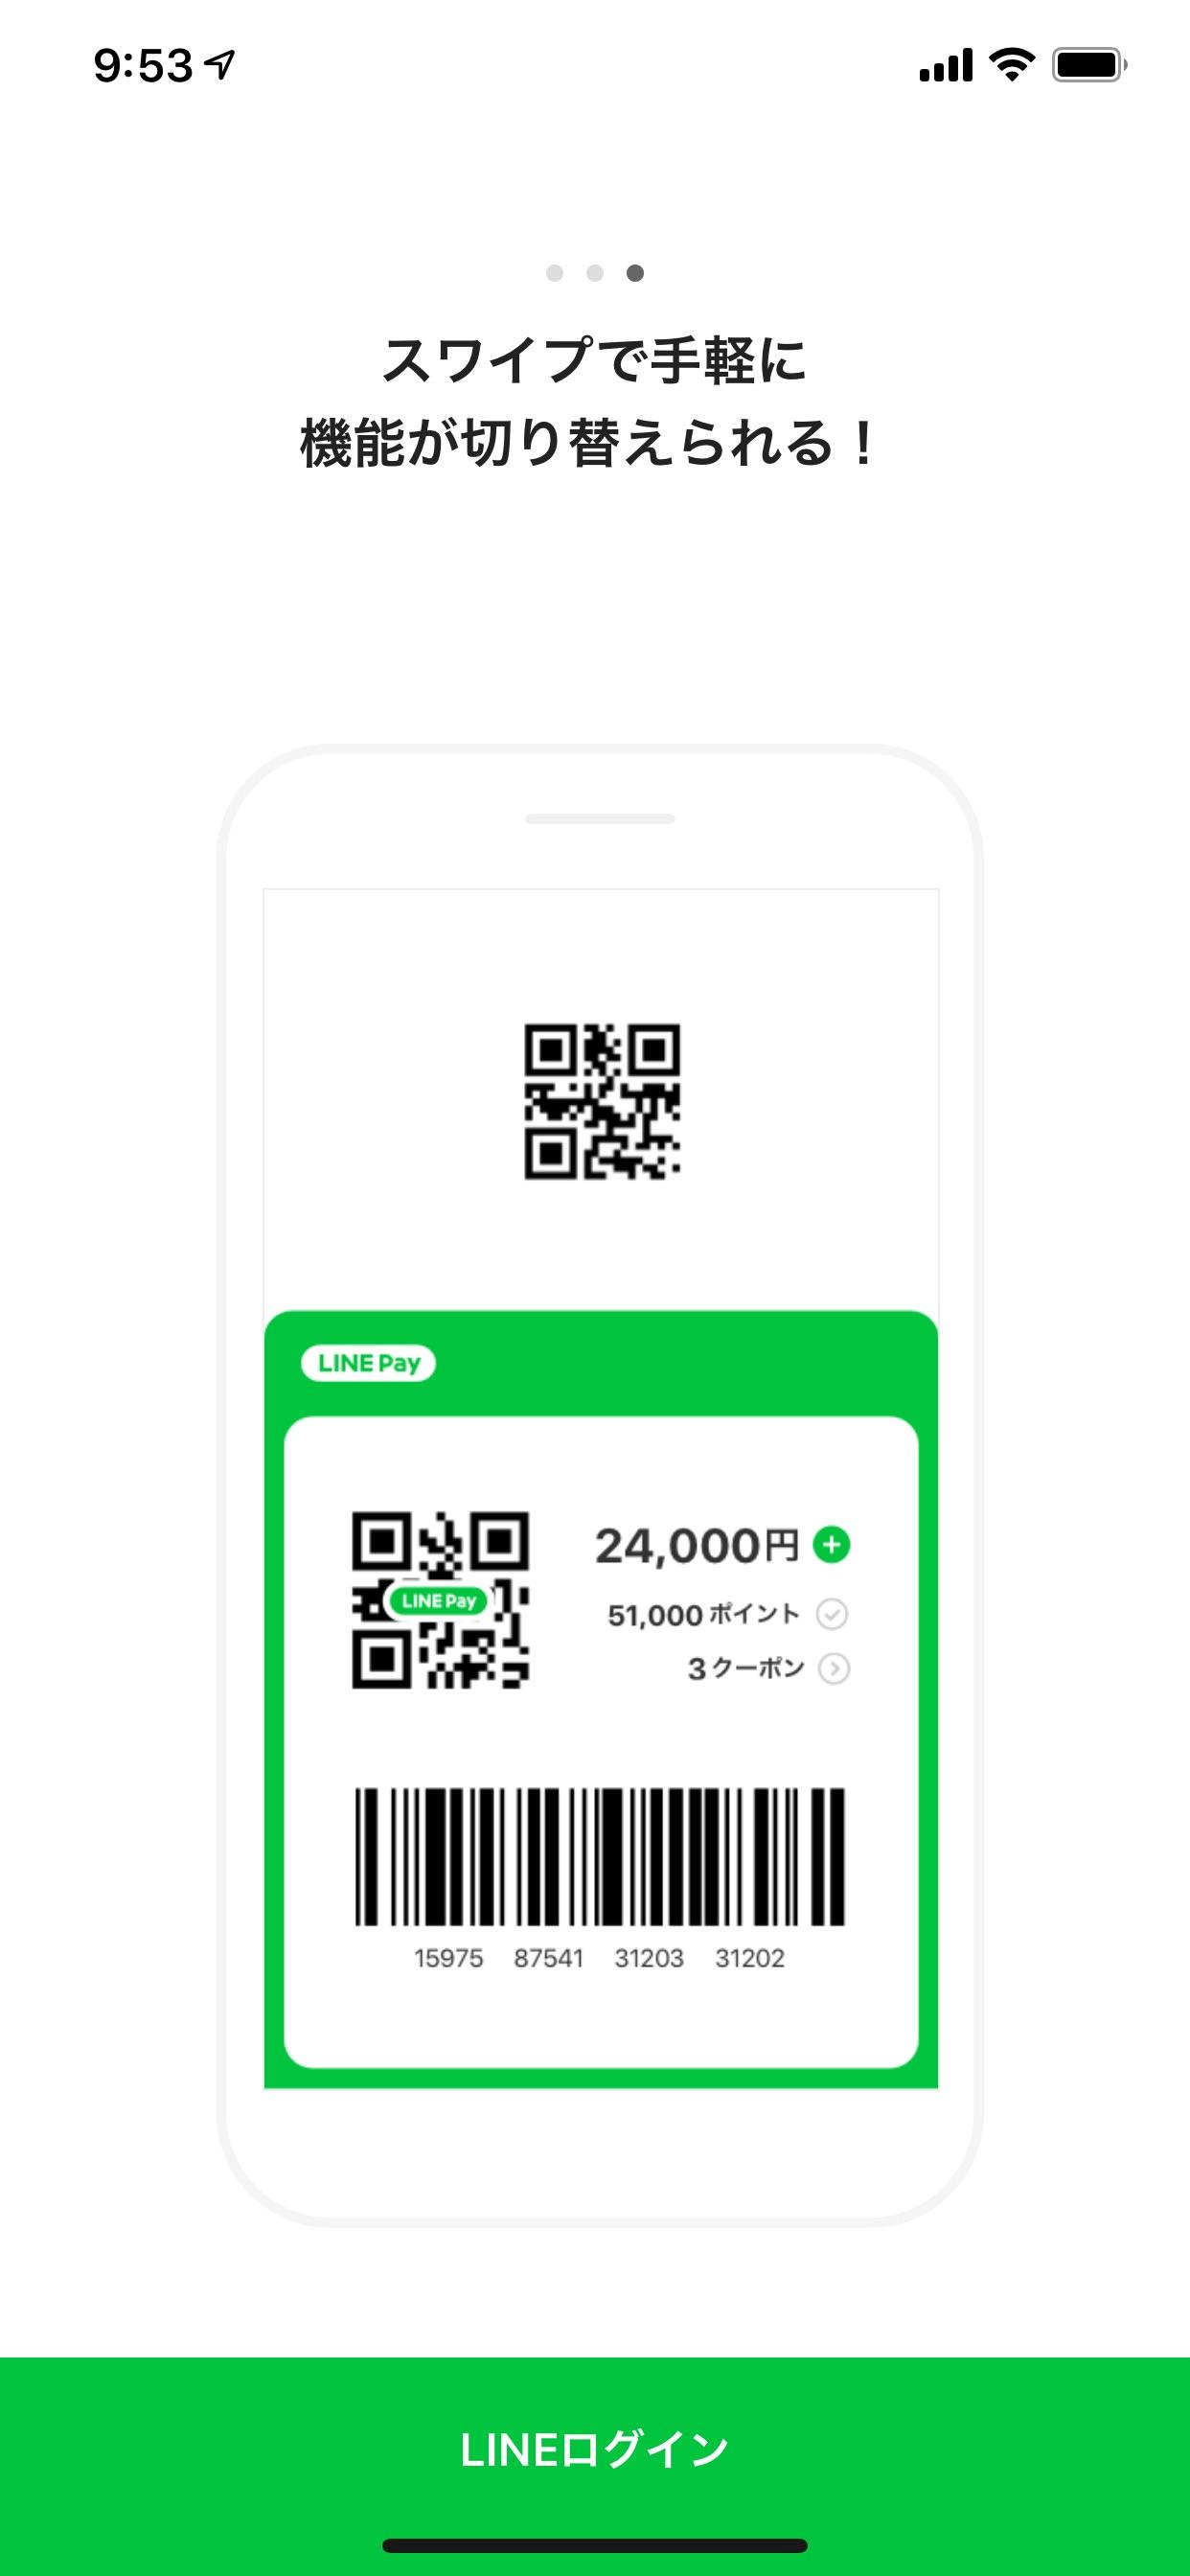 line-pay-app-2